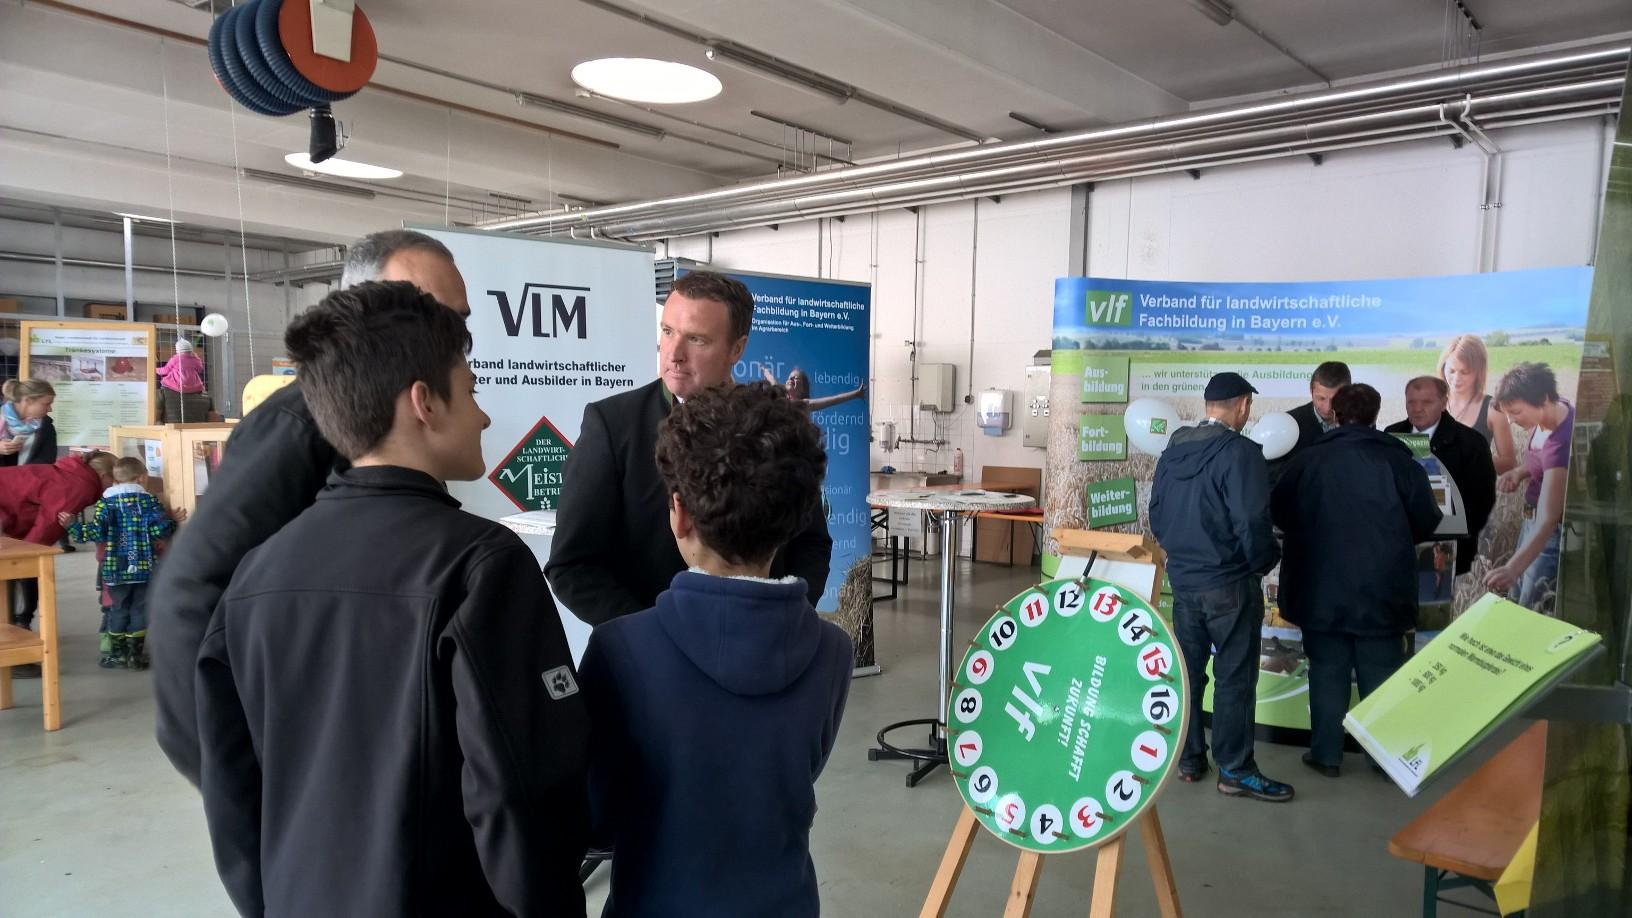 vlf- Vorsitzender Stefan Hanrieder (vlf Moosburg) im Gespräch mit Besuchern